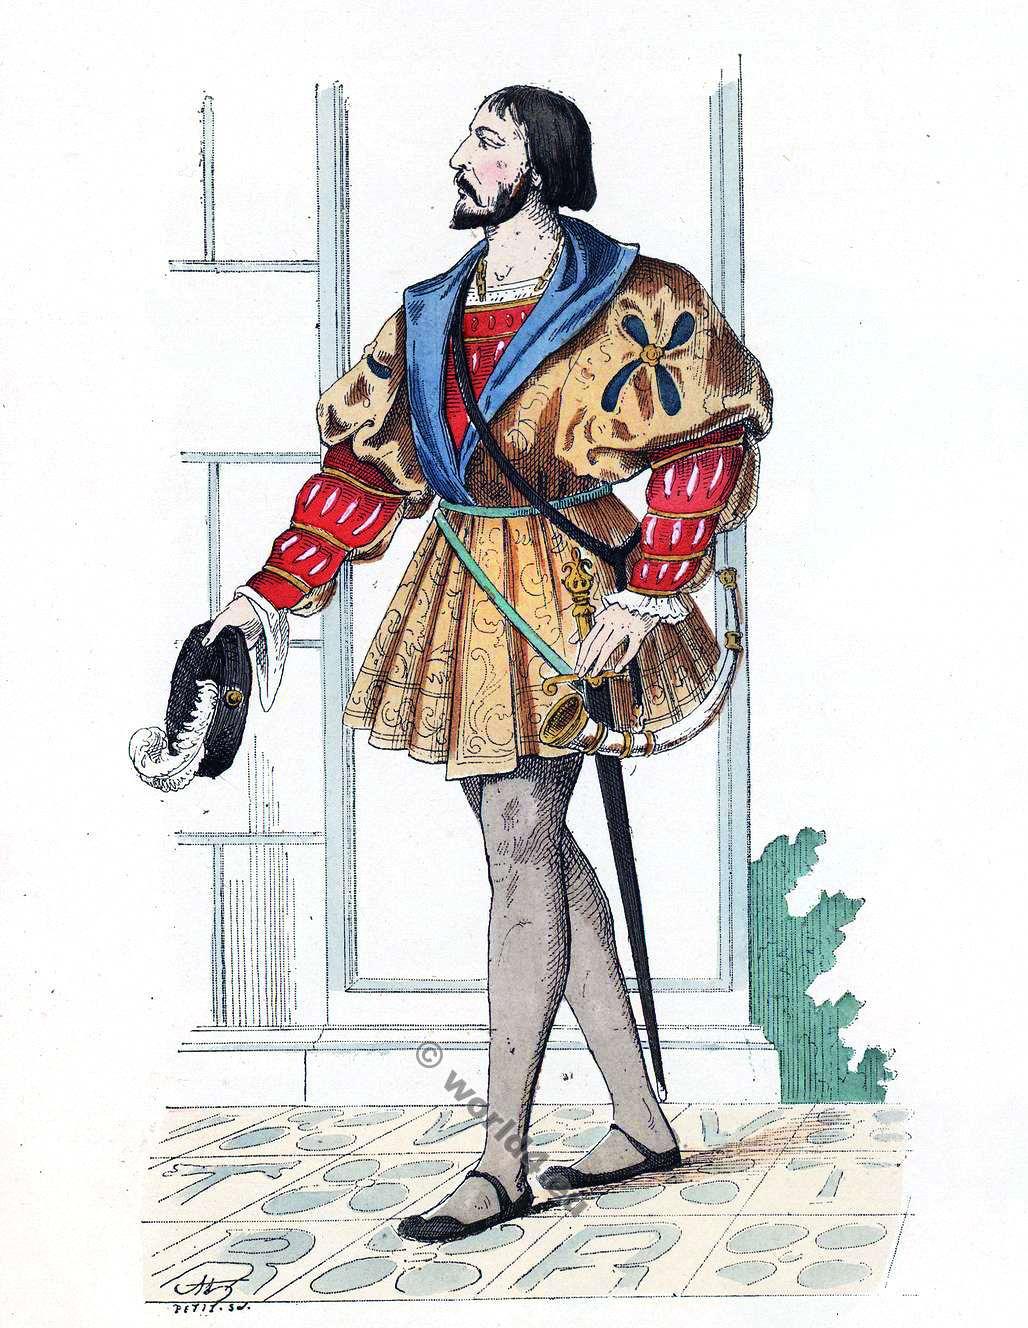 Gentilhomme, cour, François 1er, 16ème, siècle, costume, Histoire, mode, Renaissance,